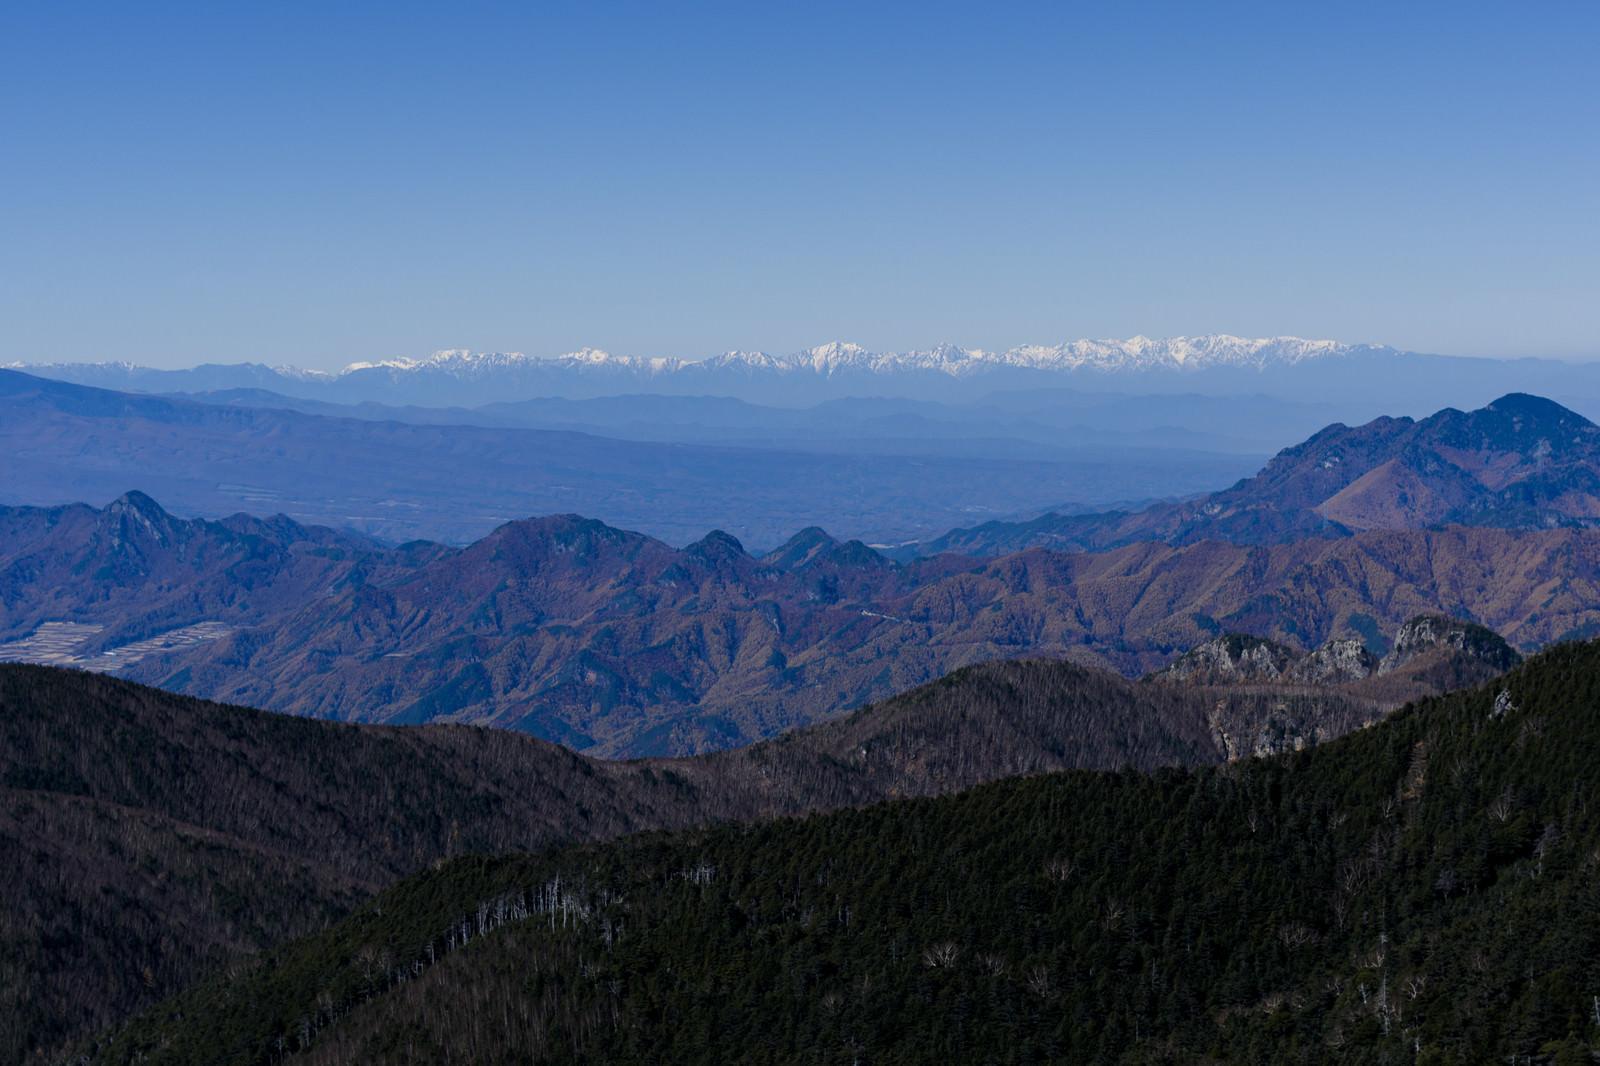 「甲武信ヶ岳から見る南アルプスの稜線」の写真